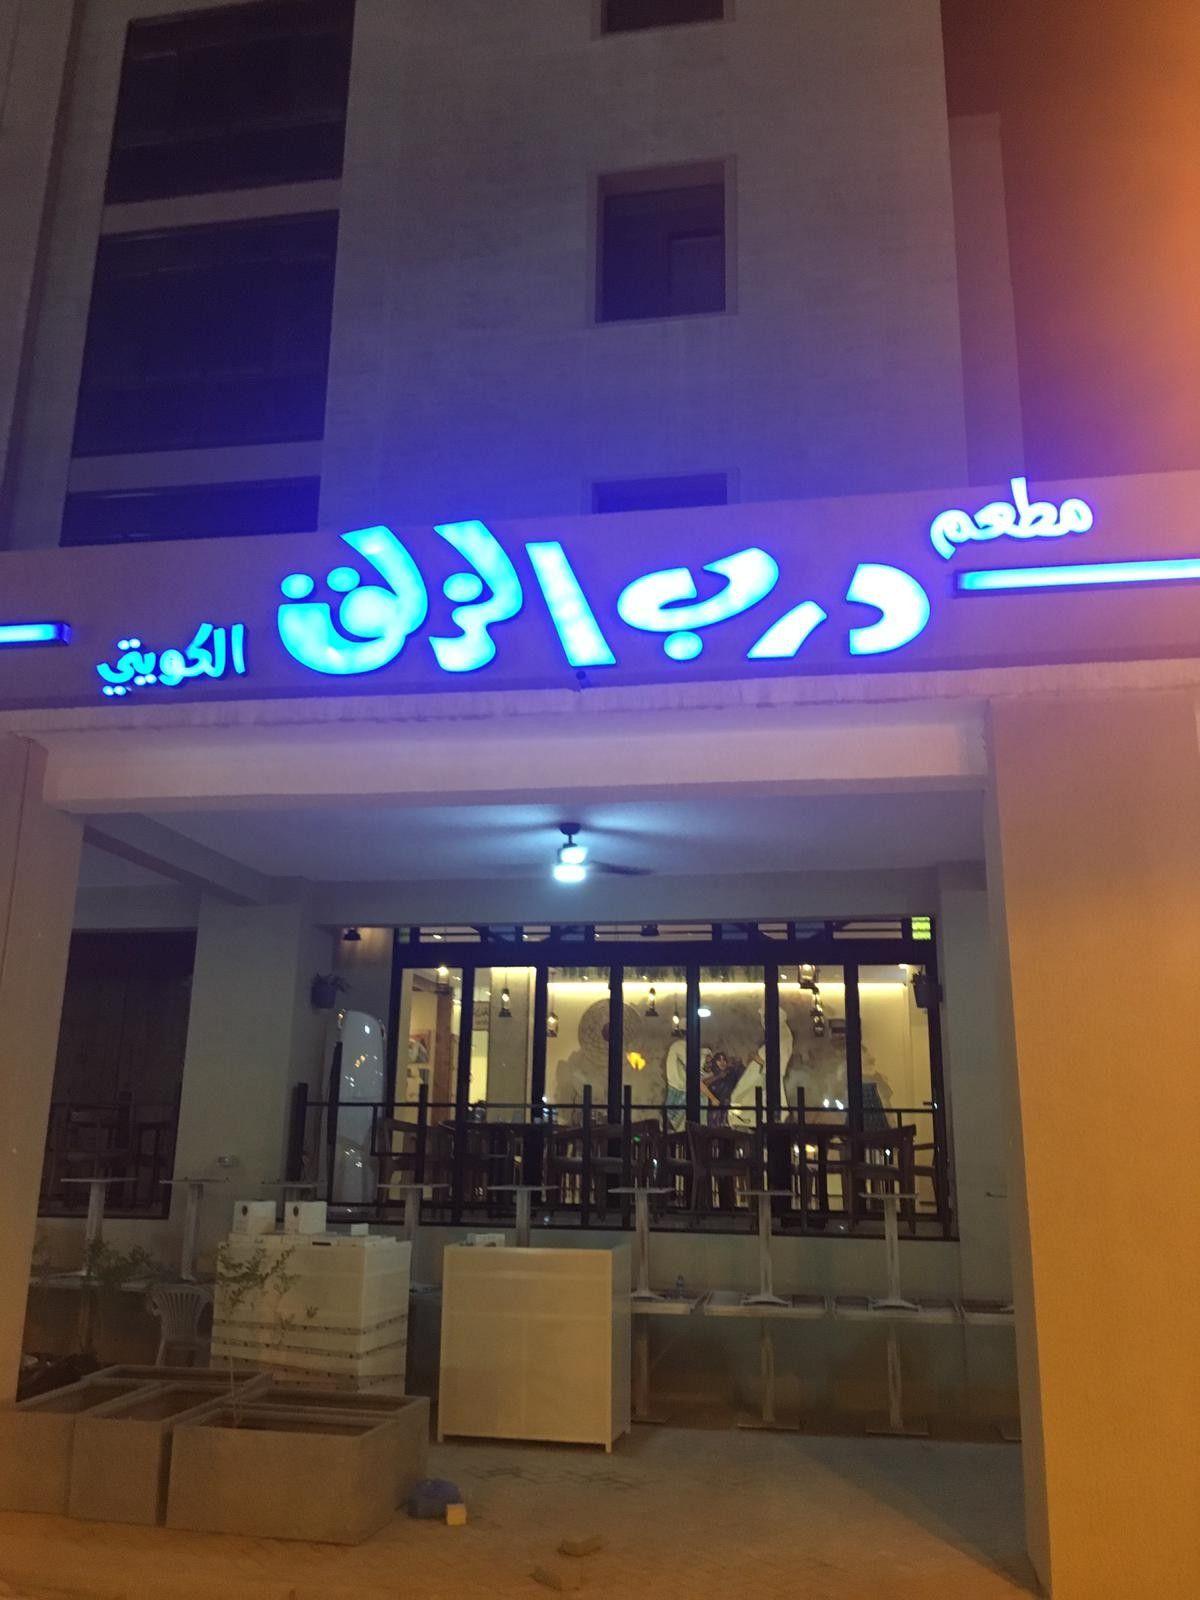 تم افتتاح مطعم الفنان عبدالحسين عبد الرضا درب الزلق بسوق المباركية Neon Signs Neon Signs